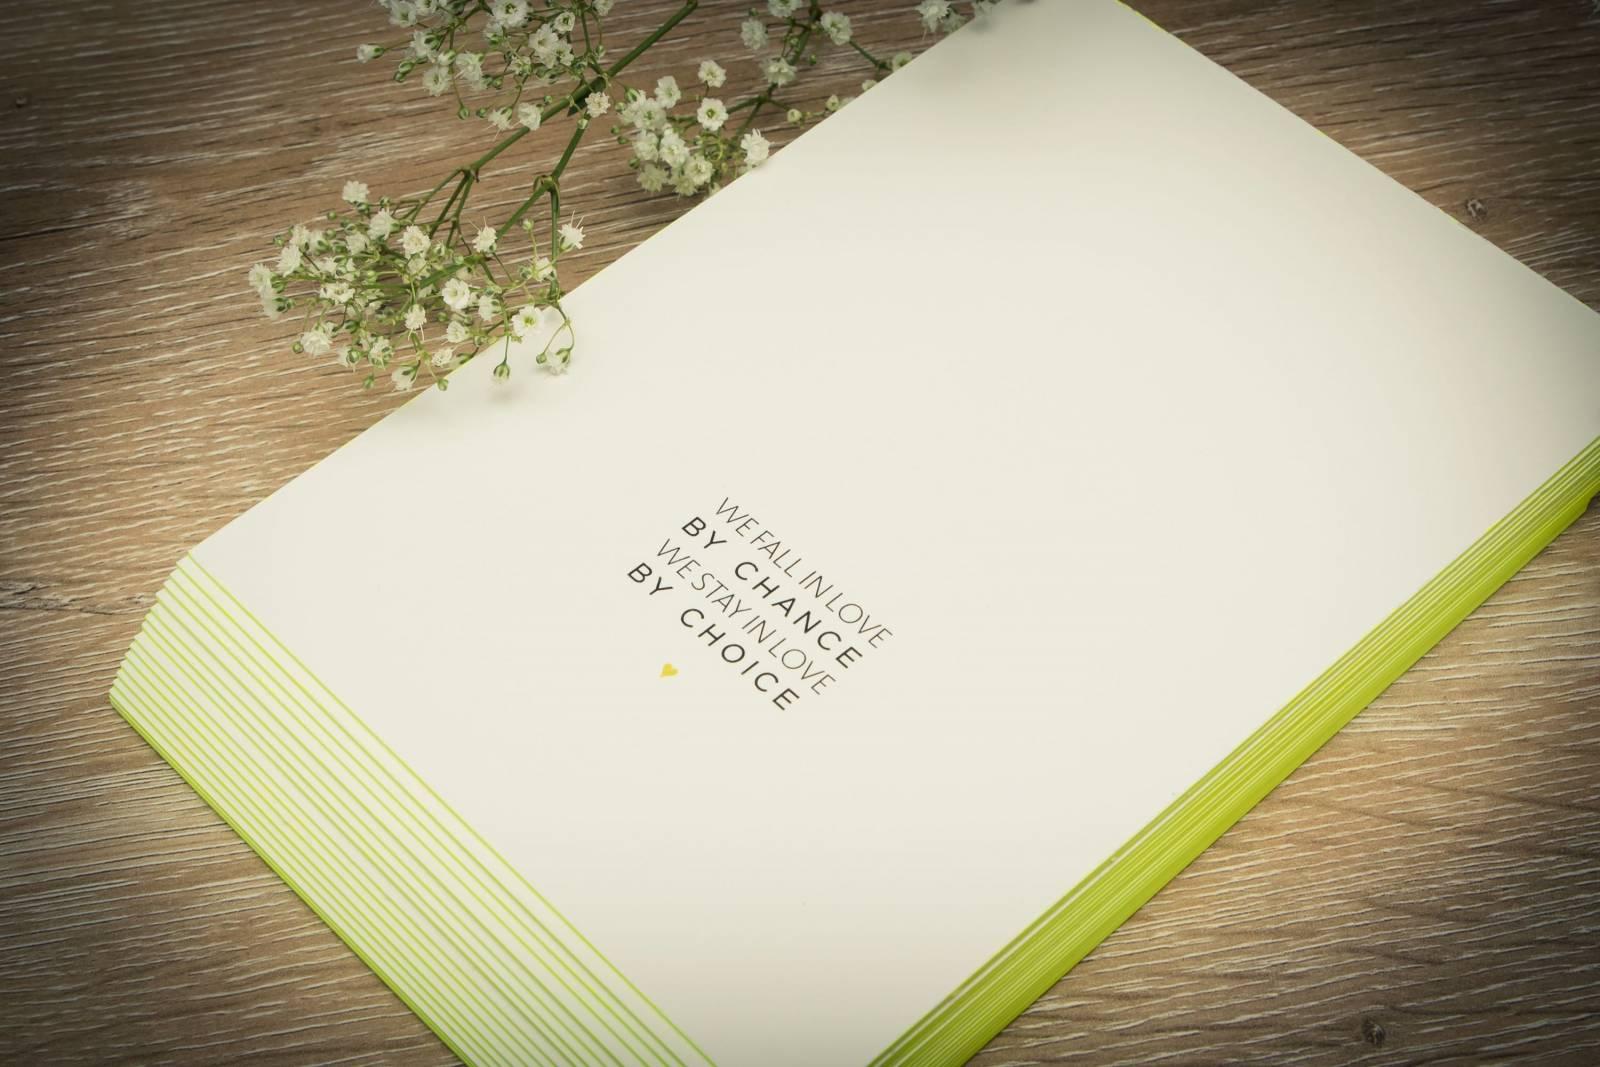 Drukkerij Augustynen - Trouwuitnodiging - Huwelijksuitnodiging - House of Weddings - 12